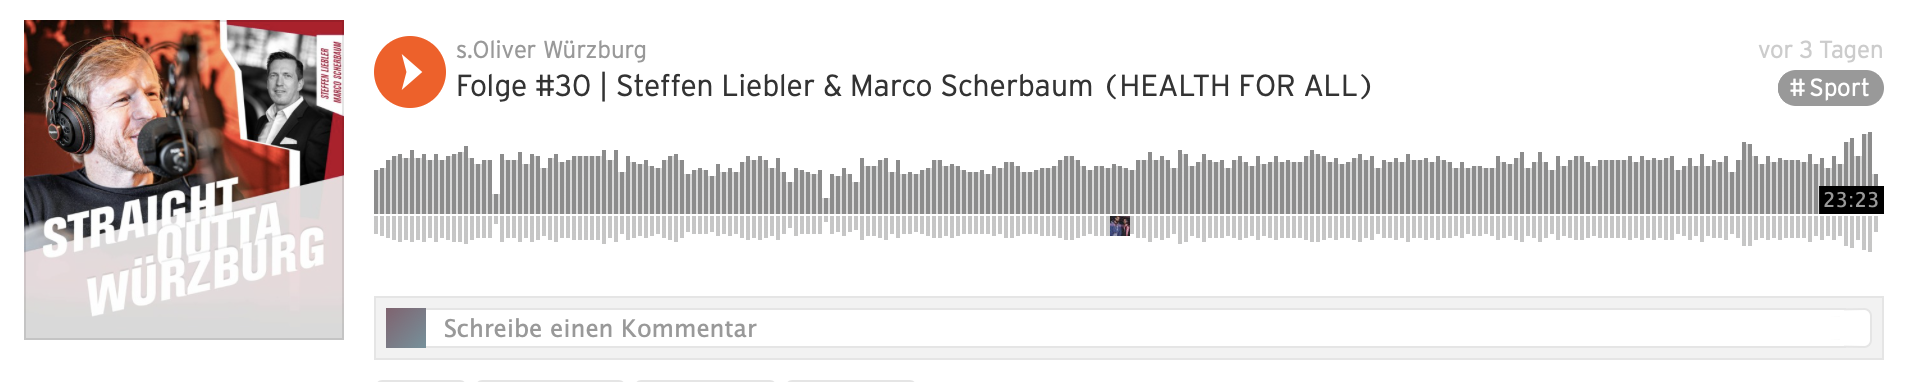 Soundcloud s.Oliver Würzburg_Gast Steffen Liebler_Marco Scherbaum_HEALTH FOR ALL